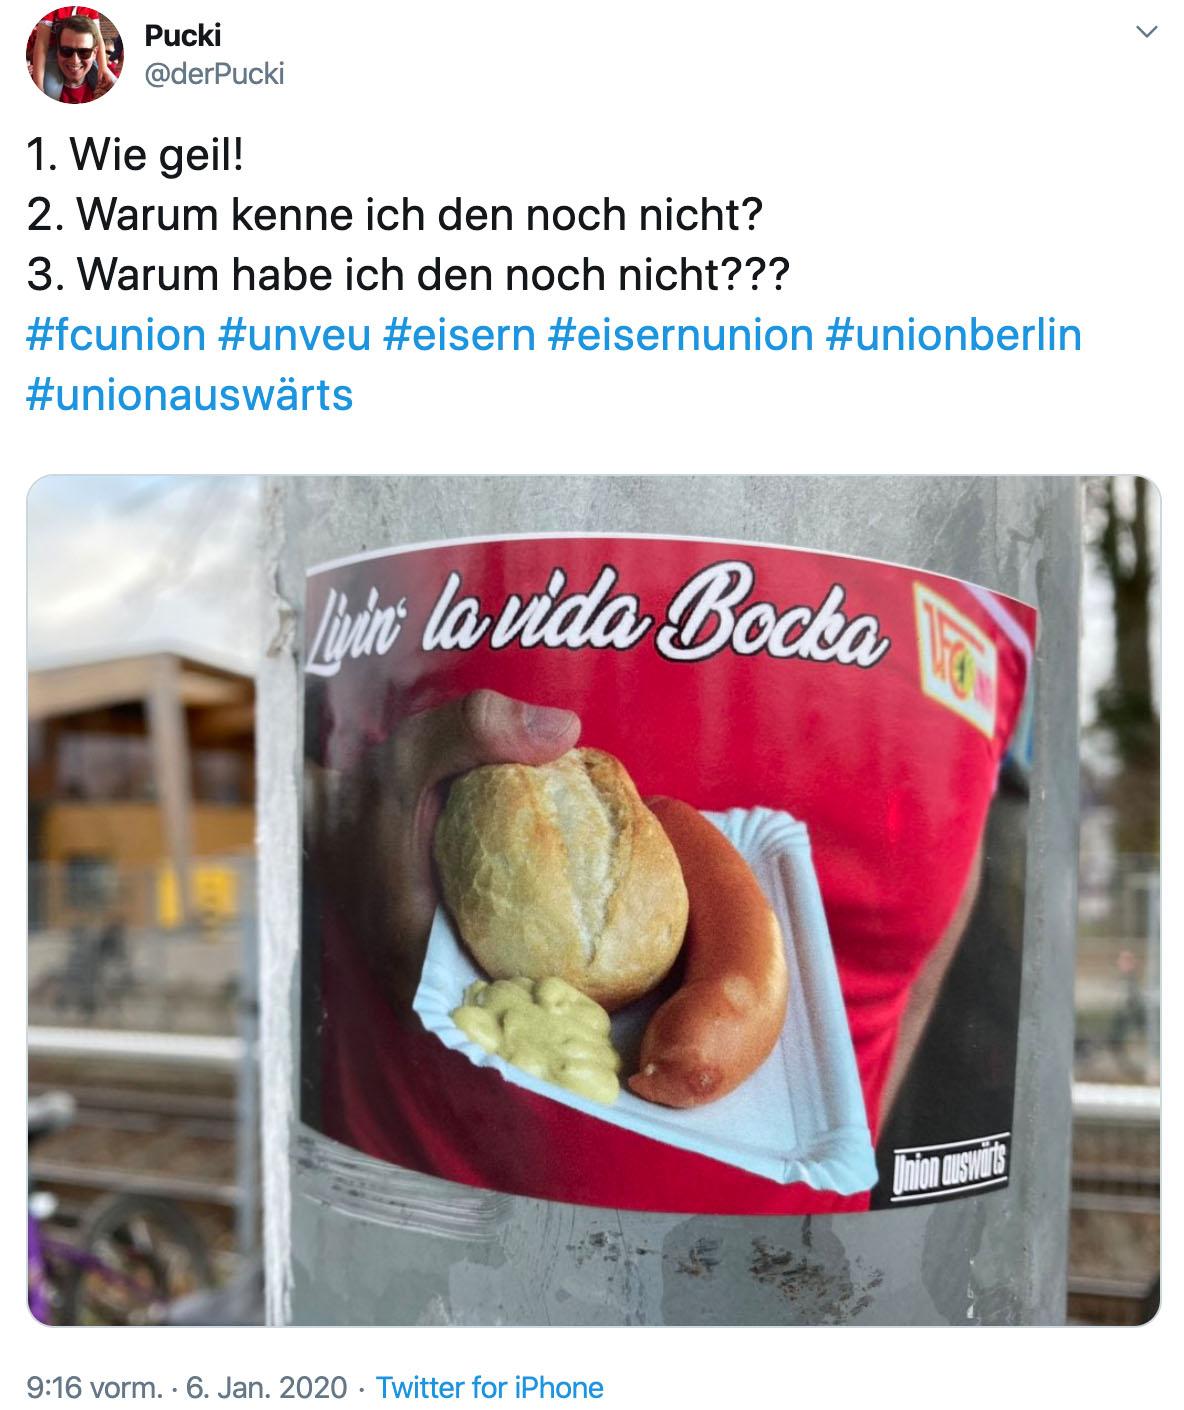 """Sticker mit der Aufschrift """"Livin' la vida Bocka"""", Twitter: @derPucki"""